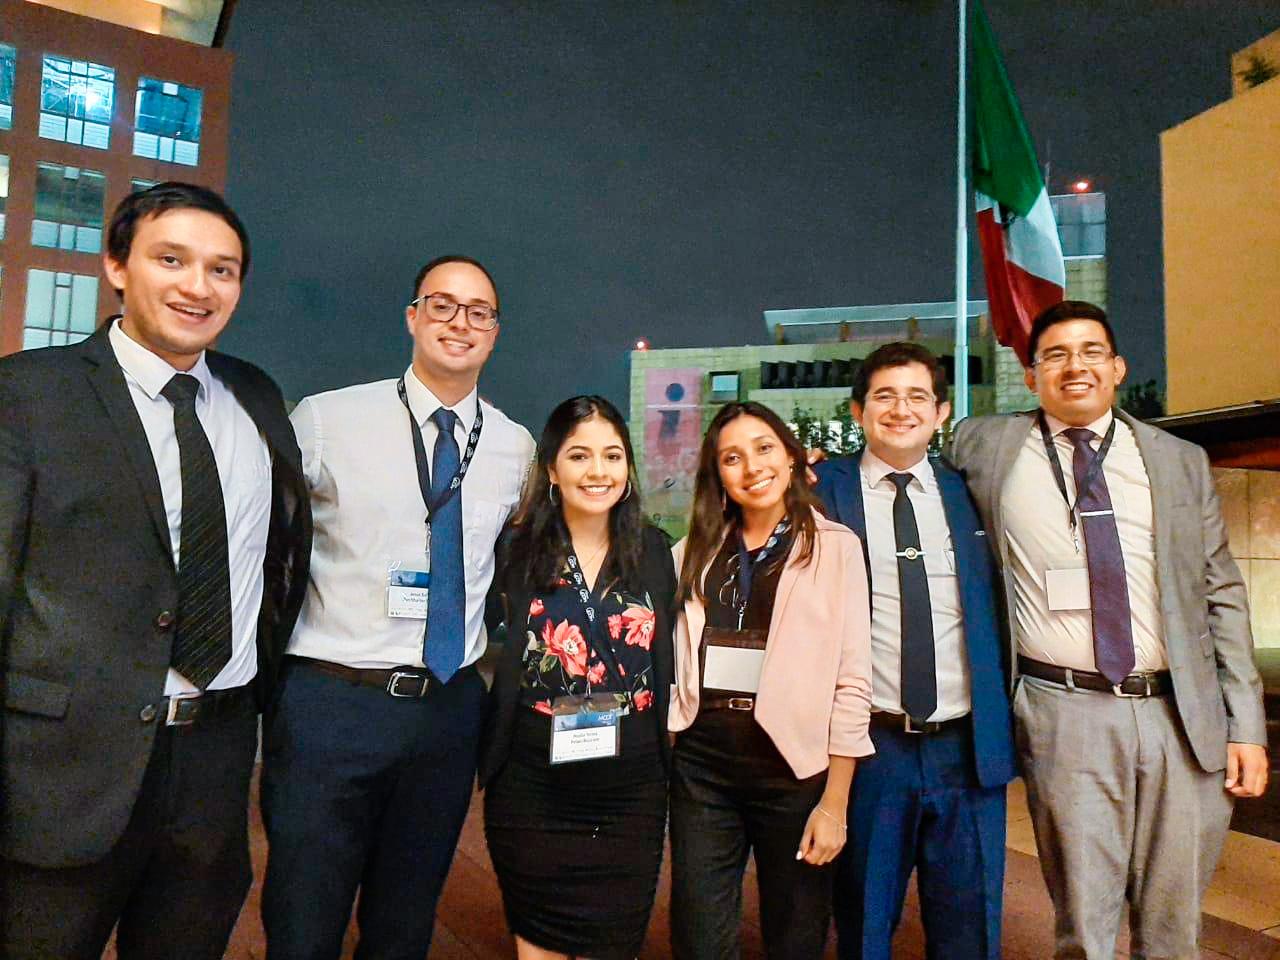 Segundo lugar para estudiantes guatemaltecos